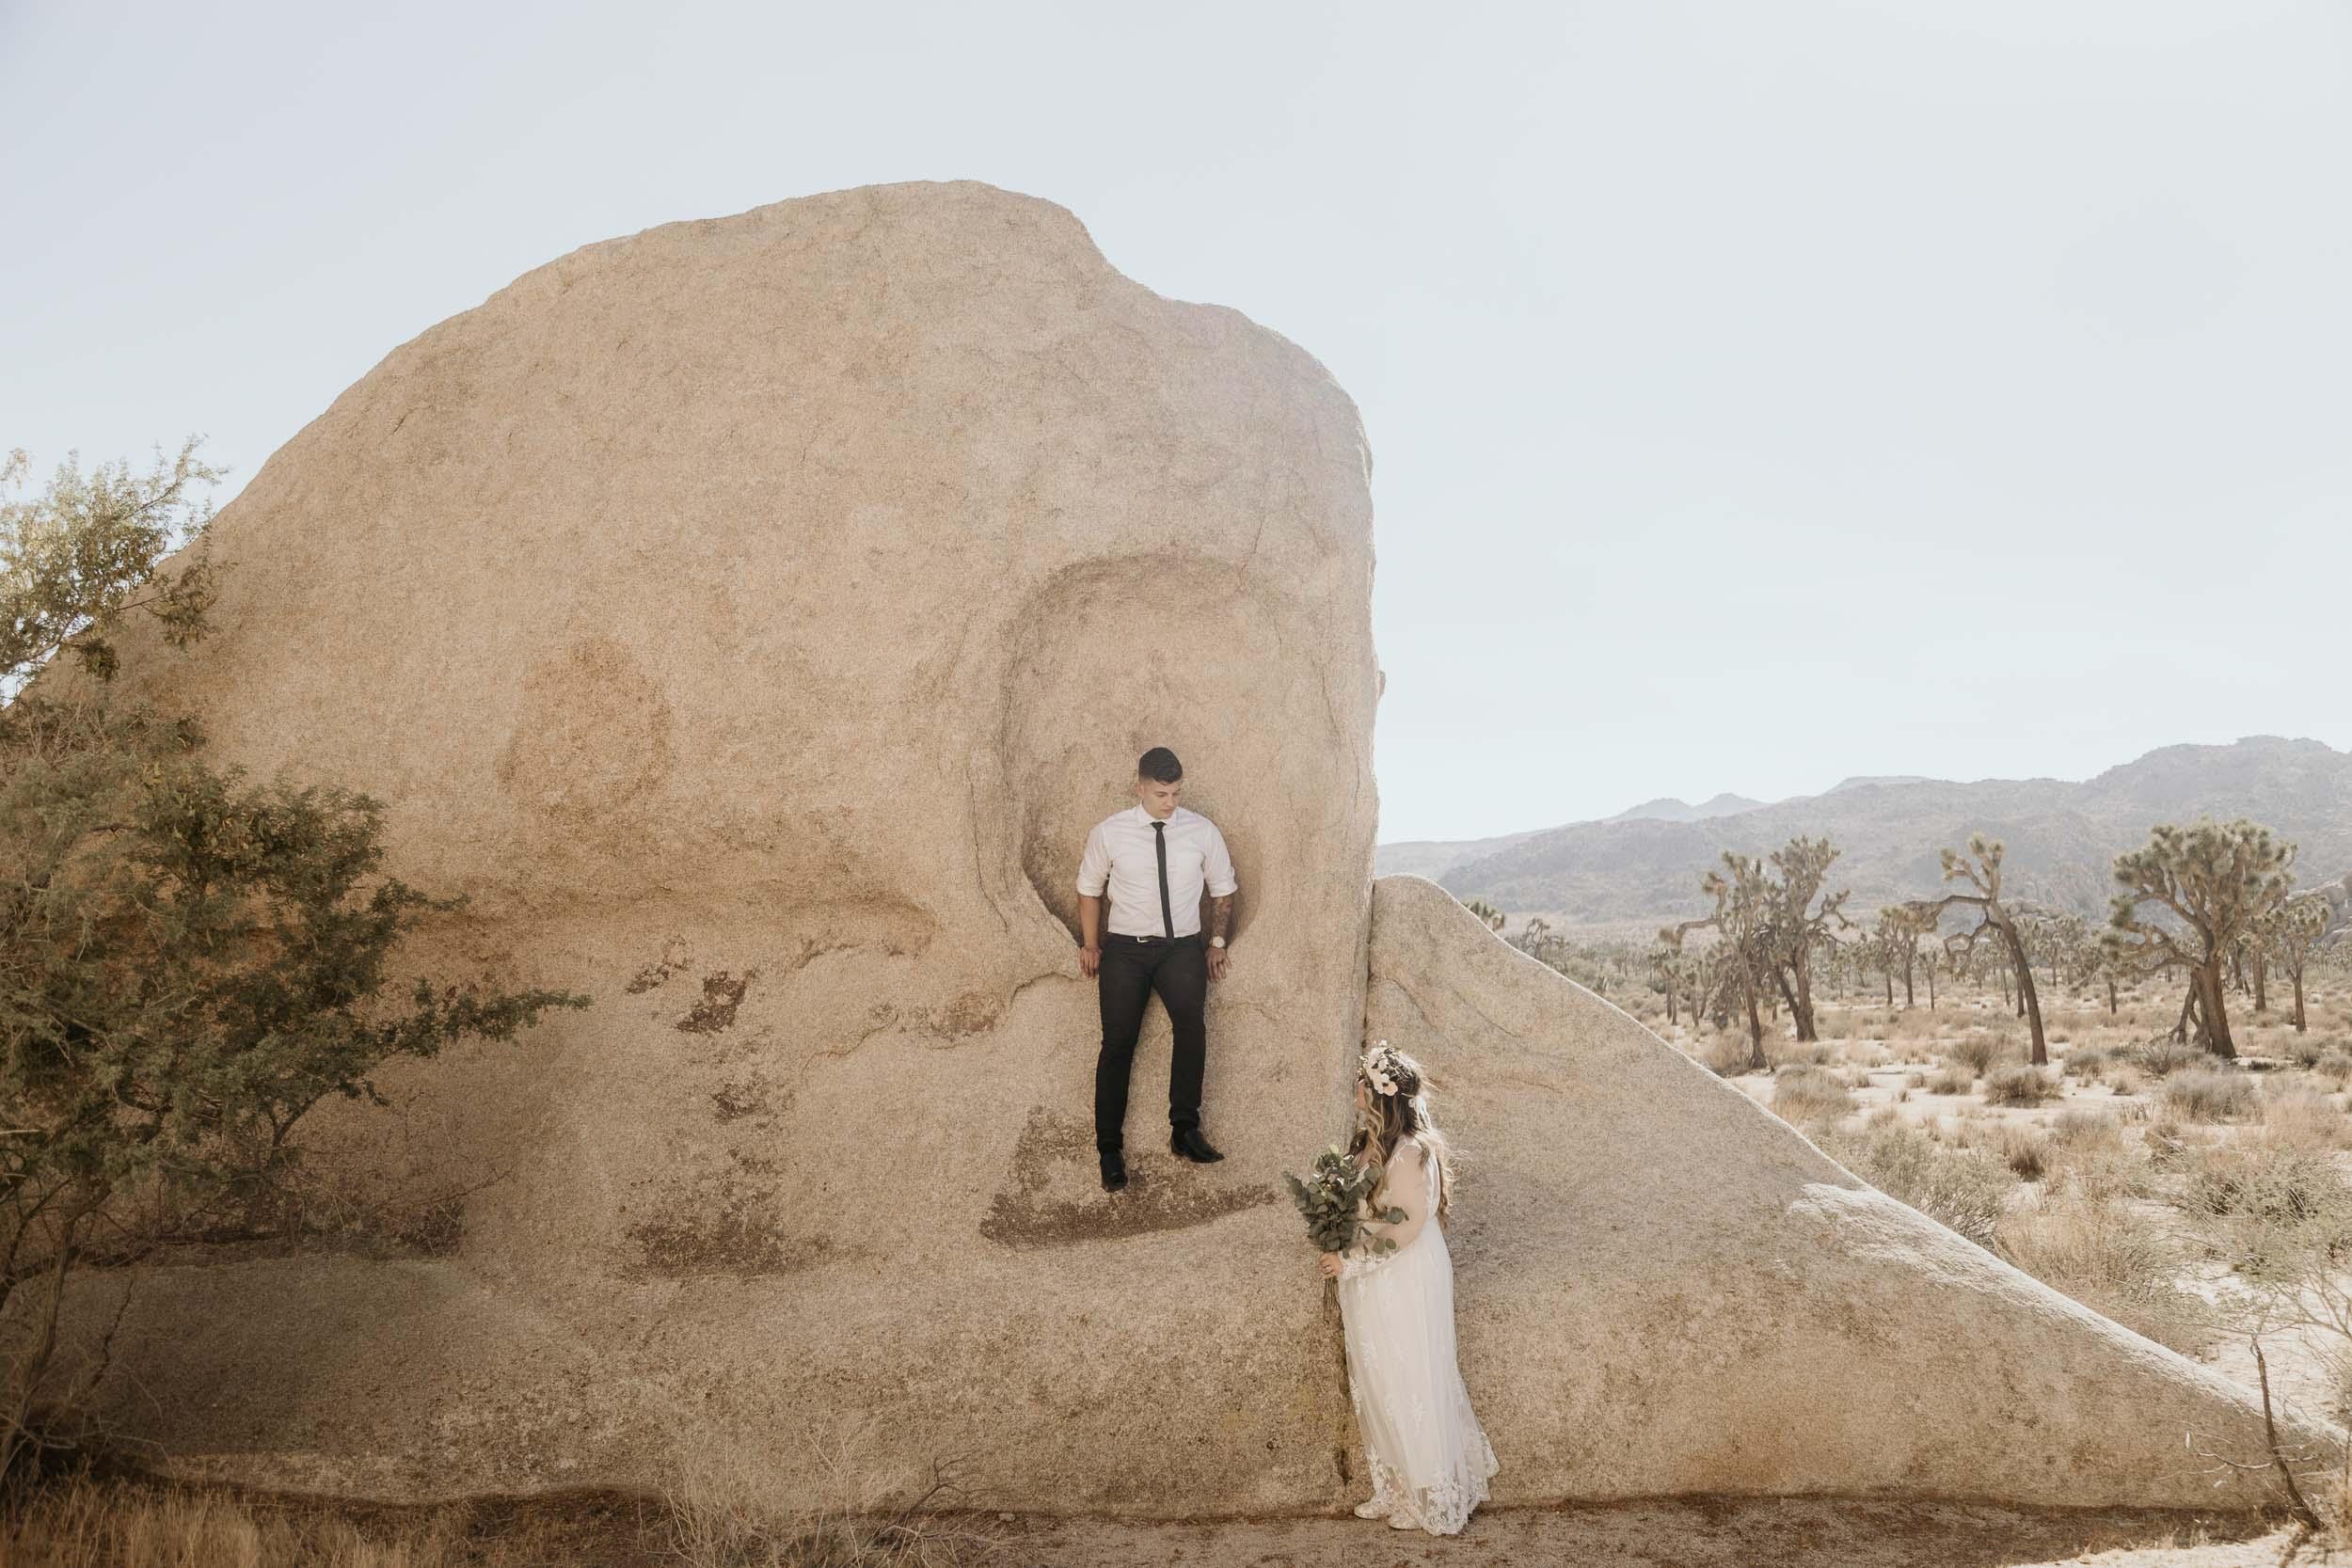 intimate-wedding-elopement-photographer-ottawa-joshua-tree-0505.jpg